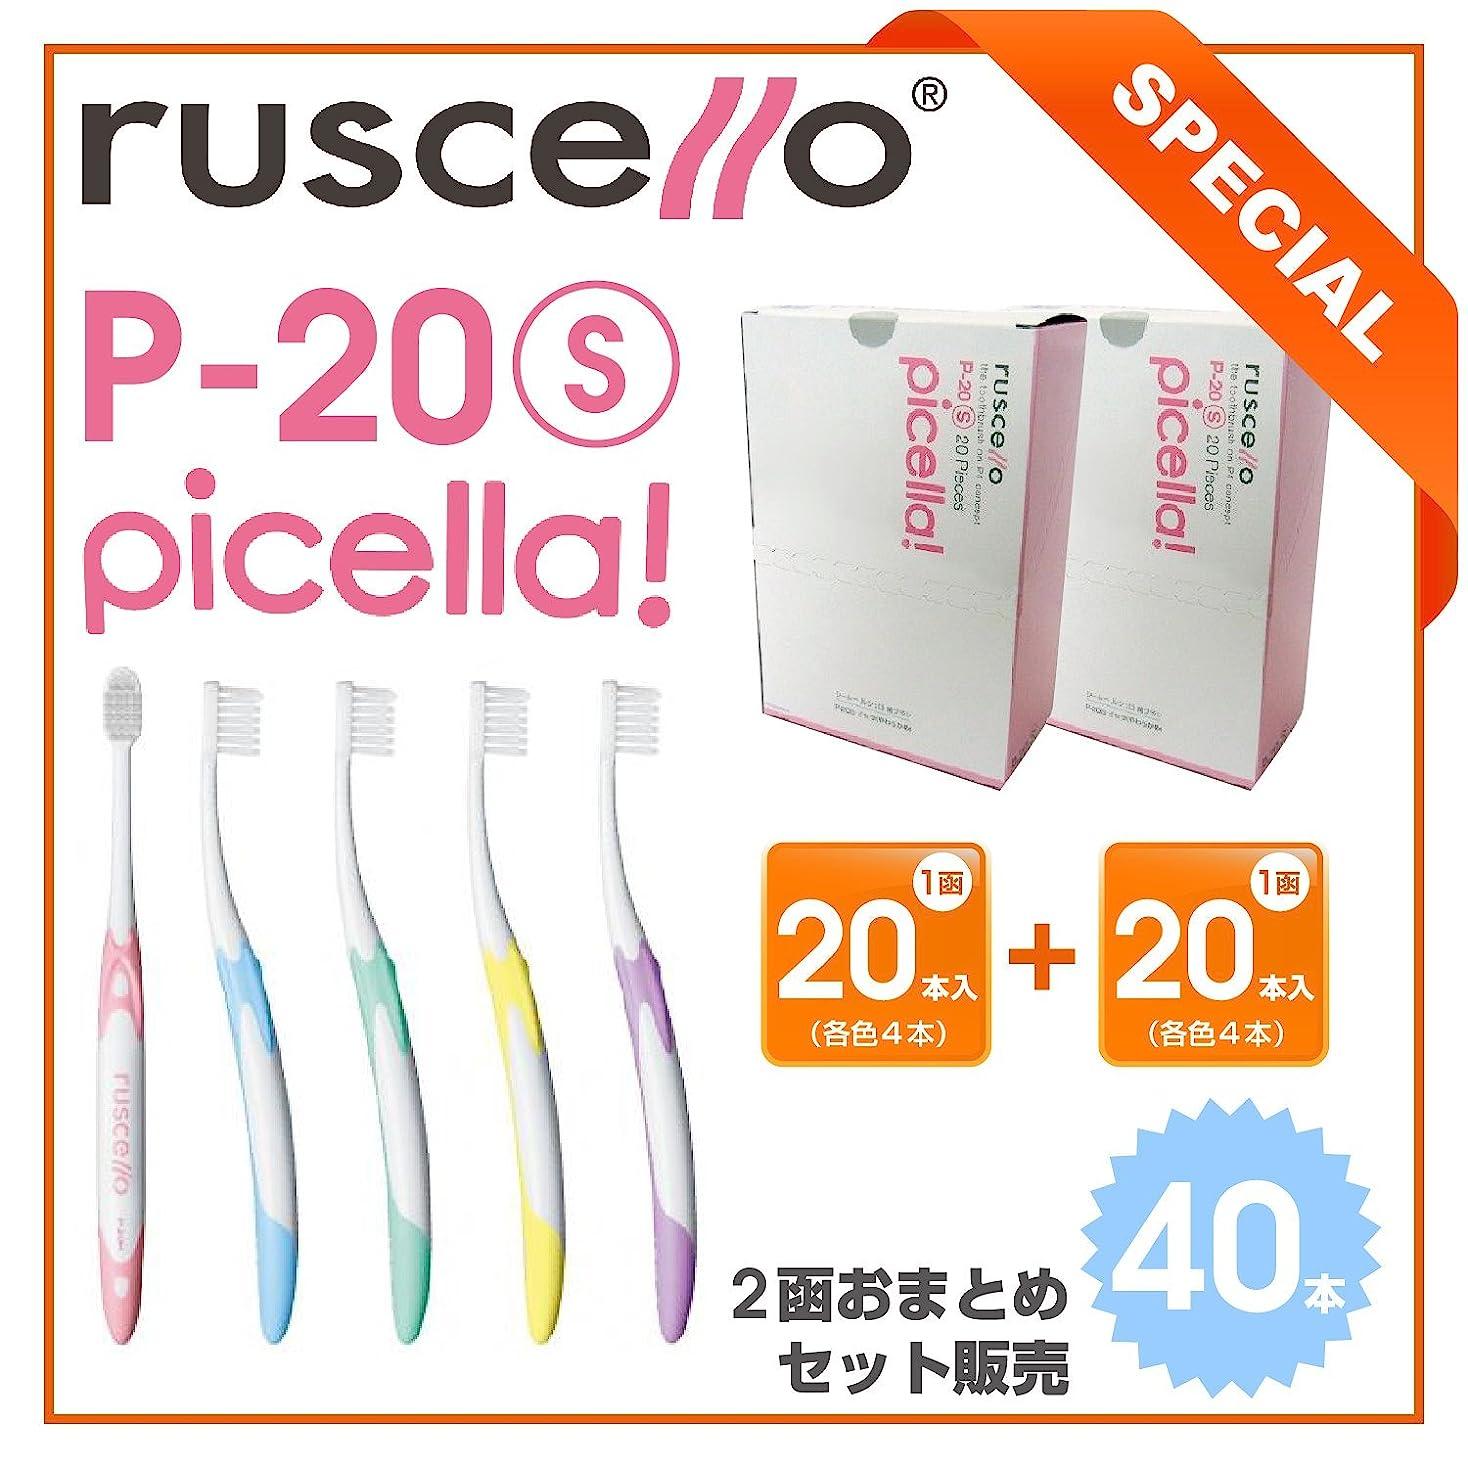 区圧縮刃GC ジーシー ルシェロ歯ブラシ<P-20>ピセラ S やわらかめ 1函20本入×2函セット